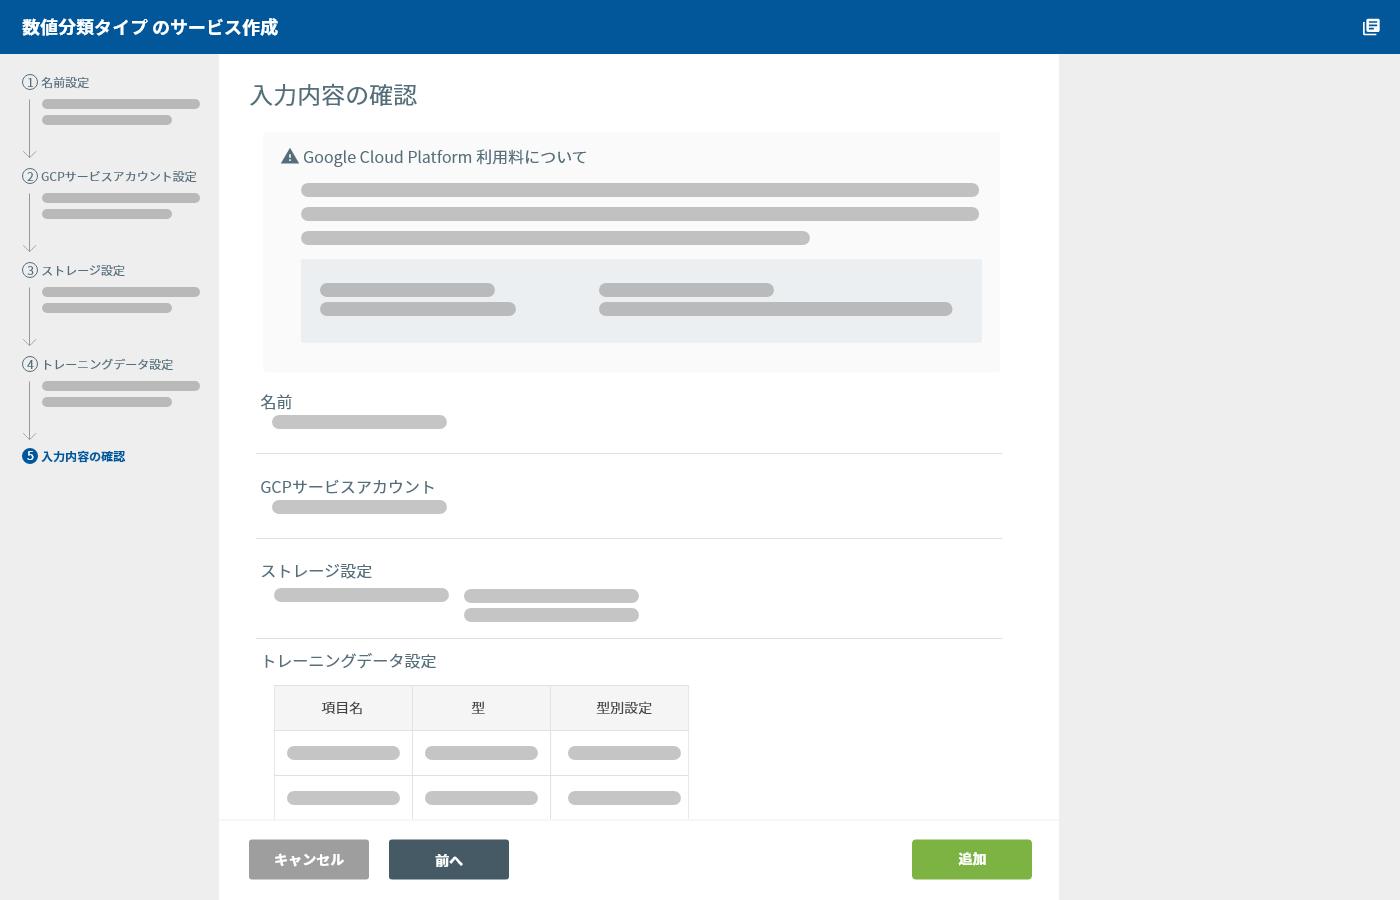 モデルジェネレーター(数値分類タイプ)作成の入力内容の確認画面